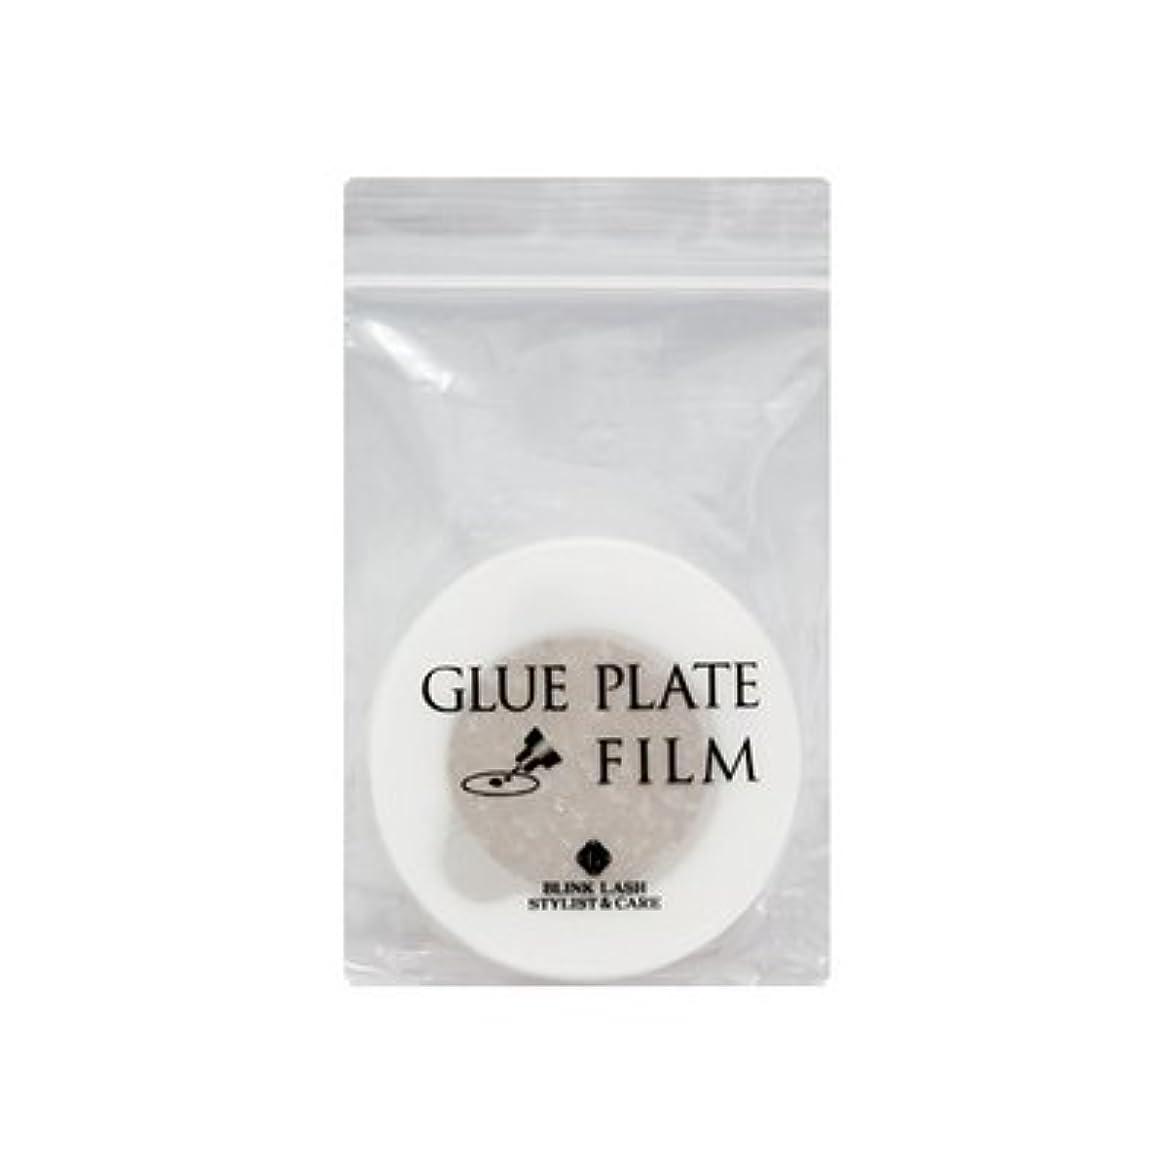 先見の明きょうだい送る【まつげエクステ】BLINK グループレートフィルム〈 30枚入 〉 (50mm)